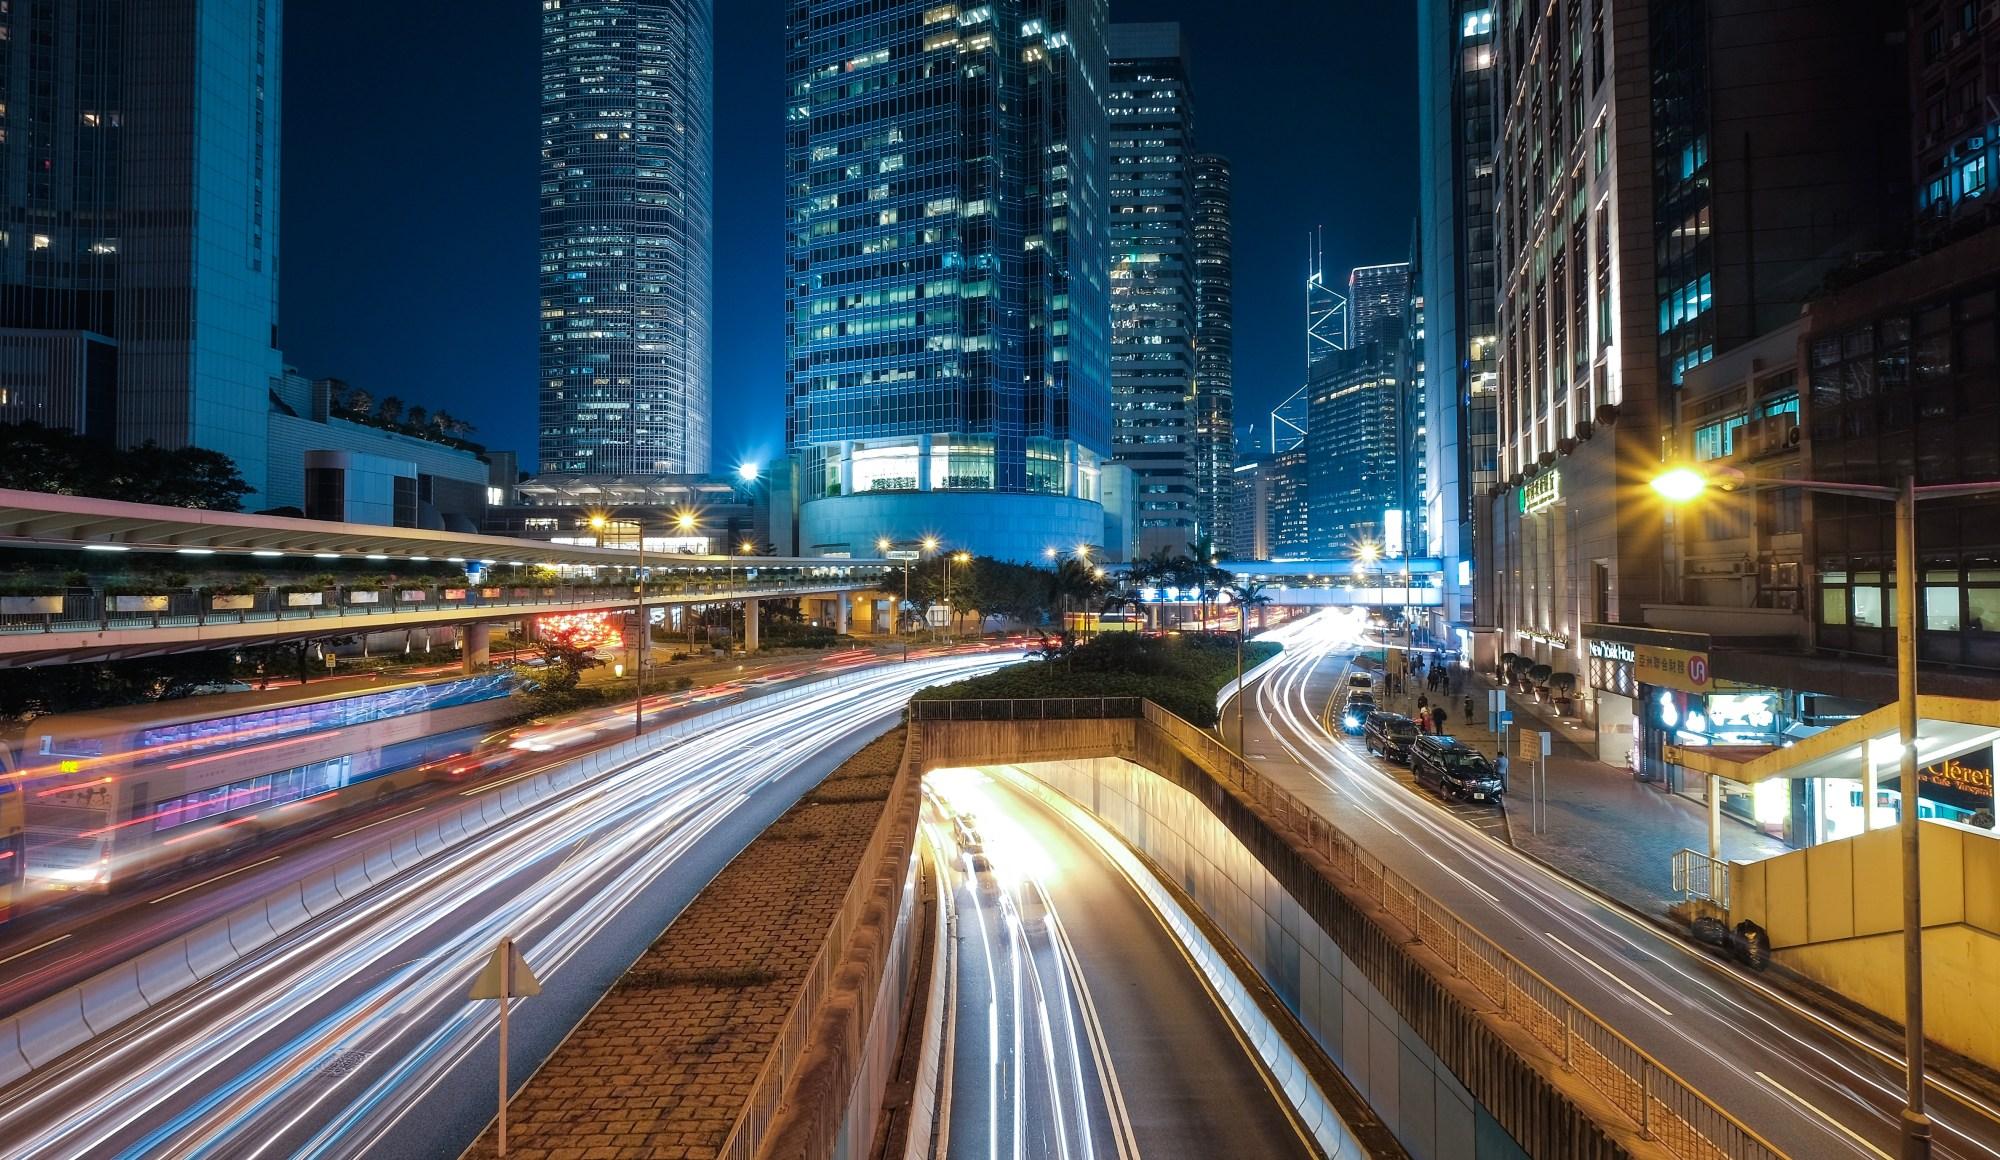 عکاسی از دنباله نور در خیابان